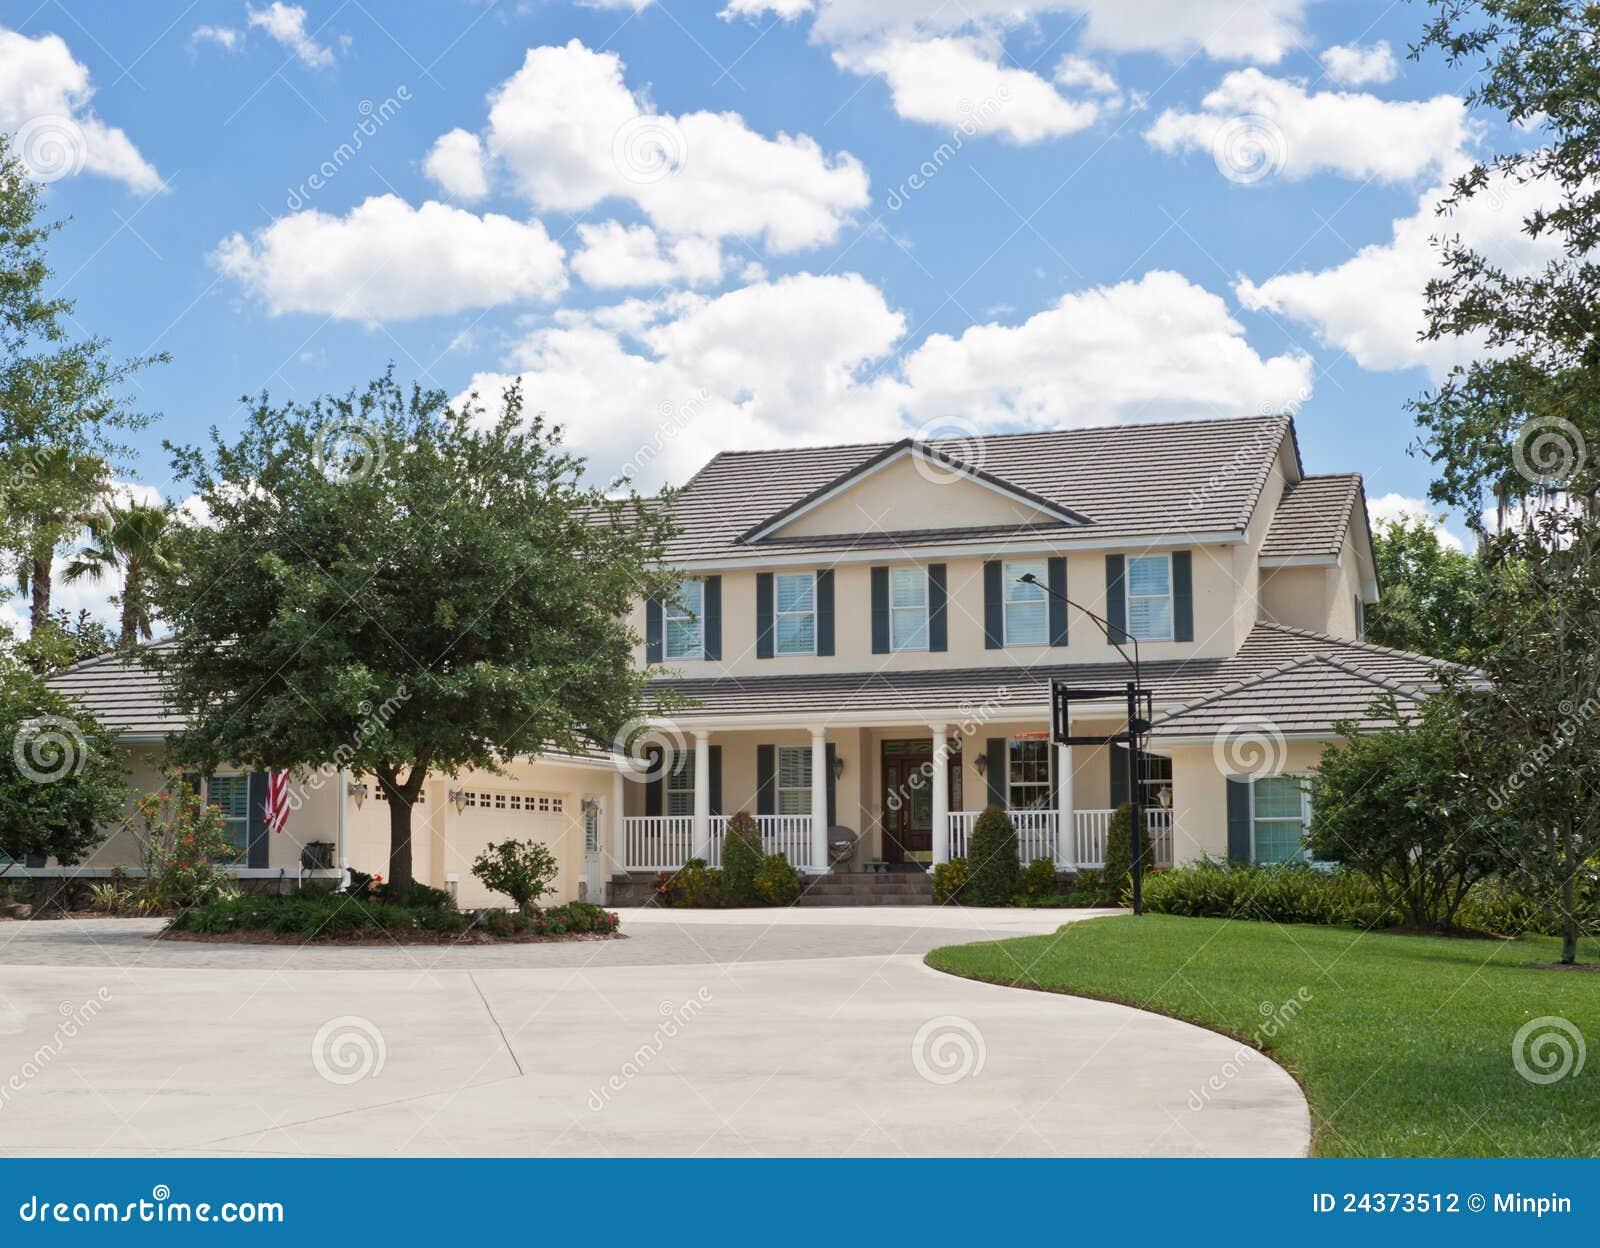 Casa americana lussuosa di stile in tropici fotografia for Casa lussuosa